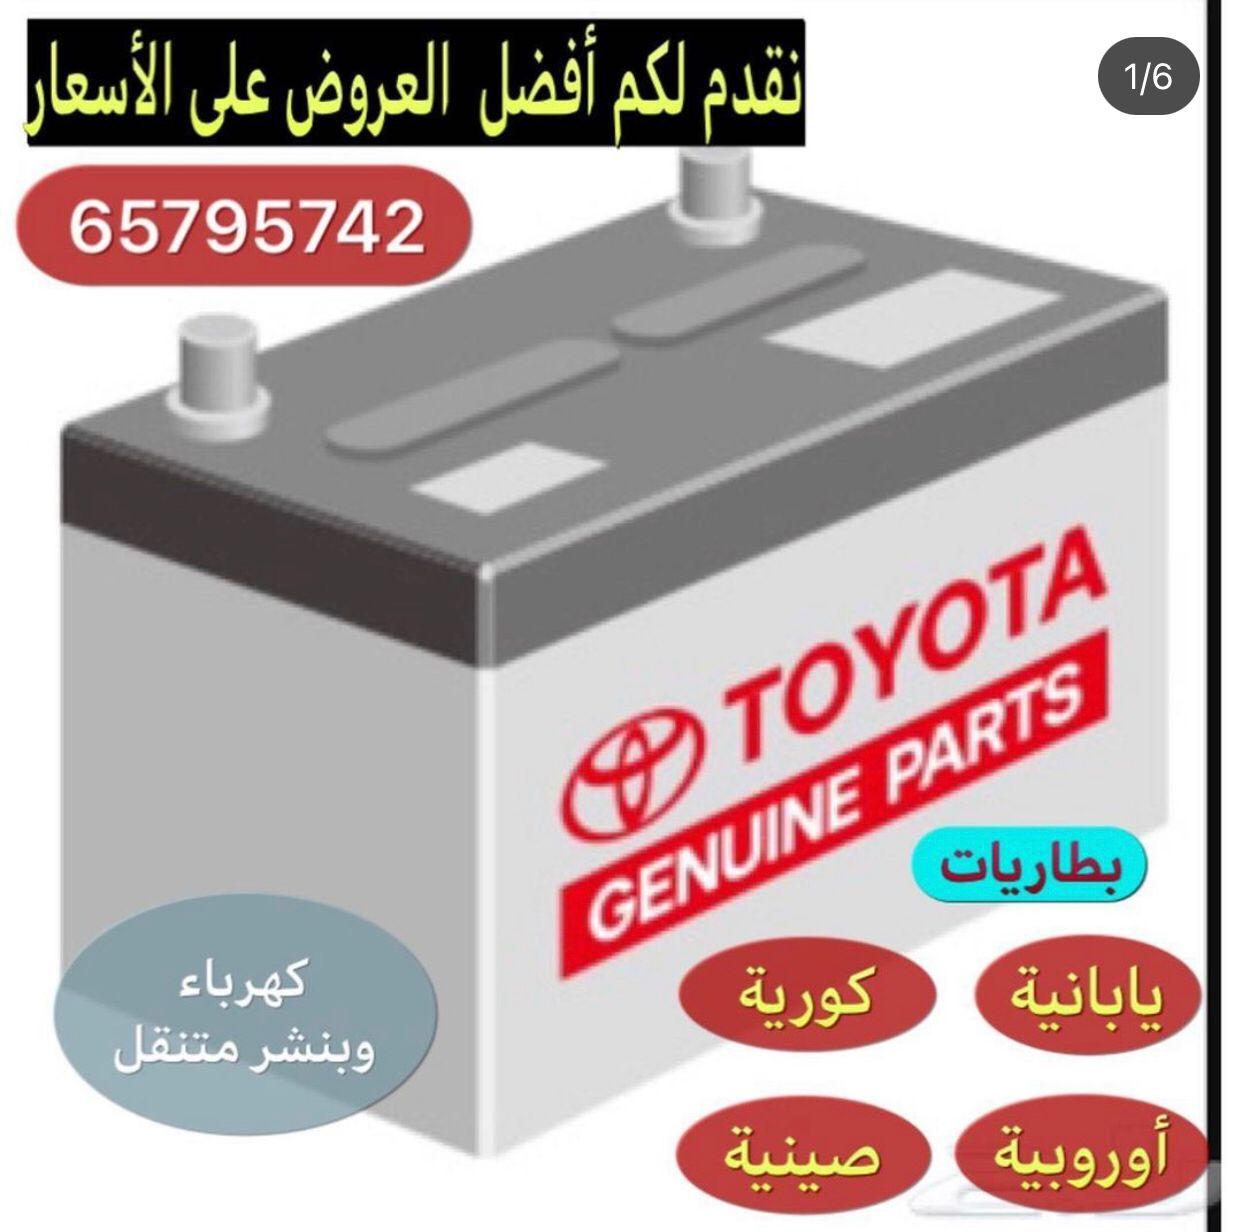 عروض اسعار بطاريات السيارات الكويت